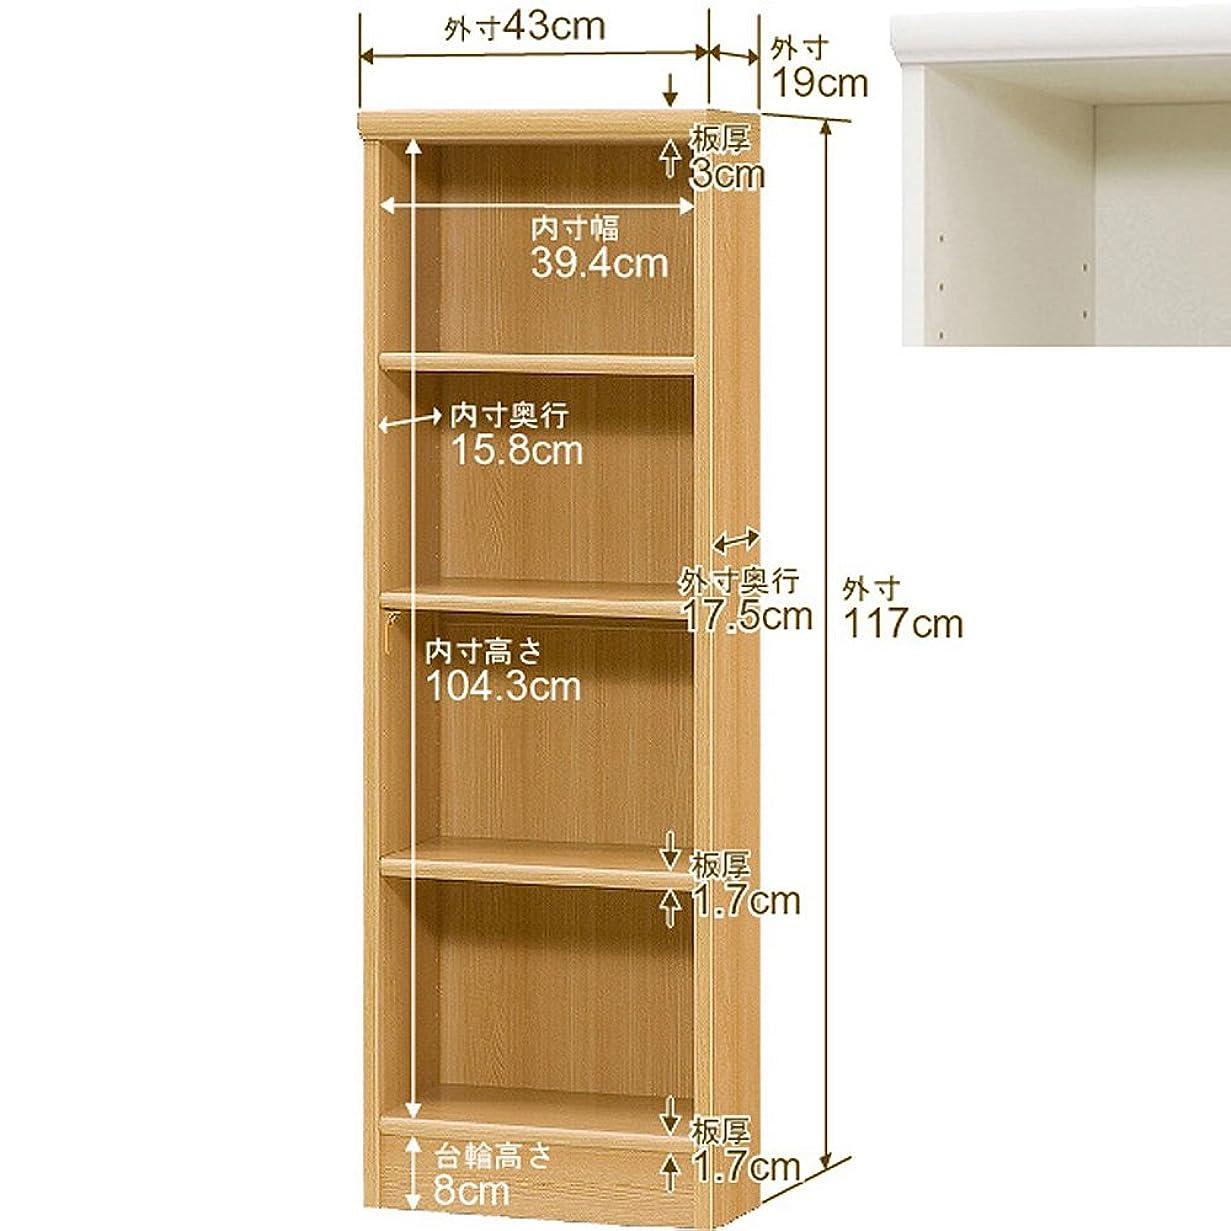 有効おとこテザーオーダーマルチラック スリム (オーダー収納棚?棚板厚17mm標準タイプ) 奥行19cm×高さ117cm×幅43cm ホワイト